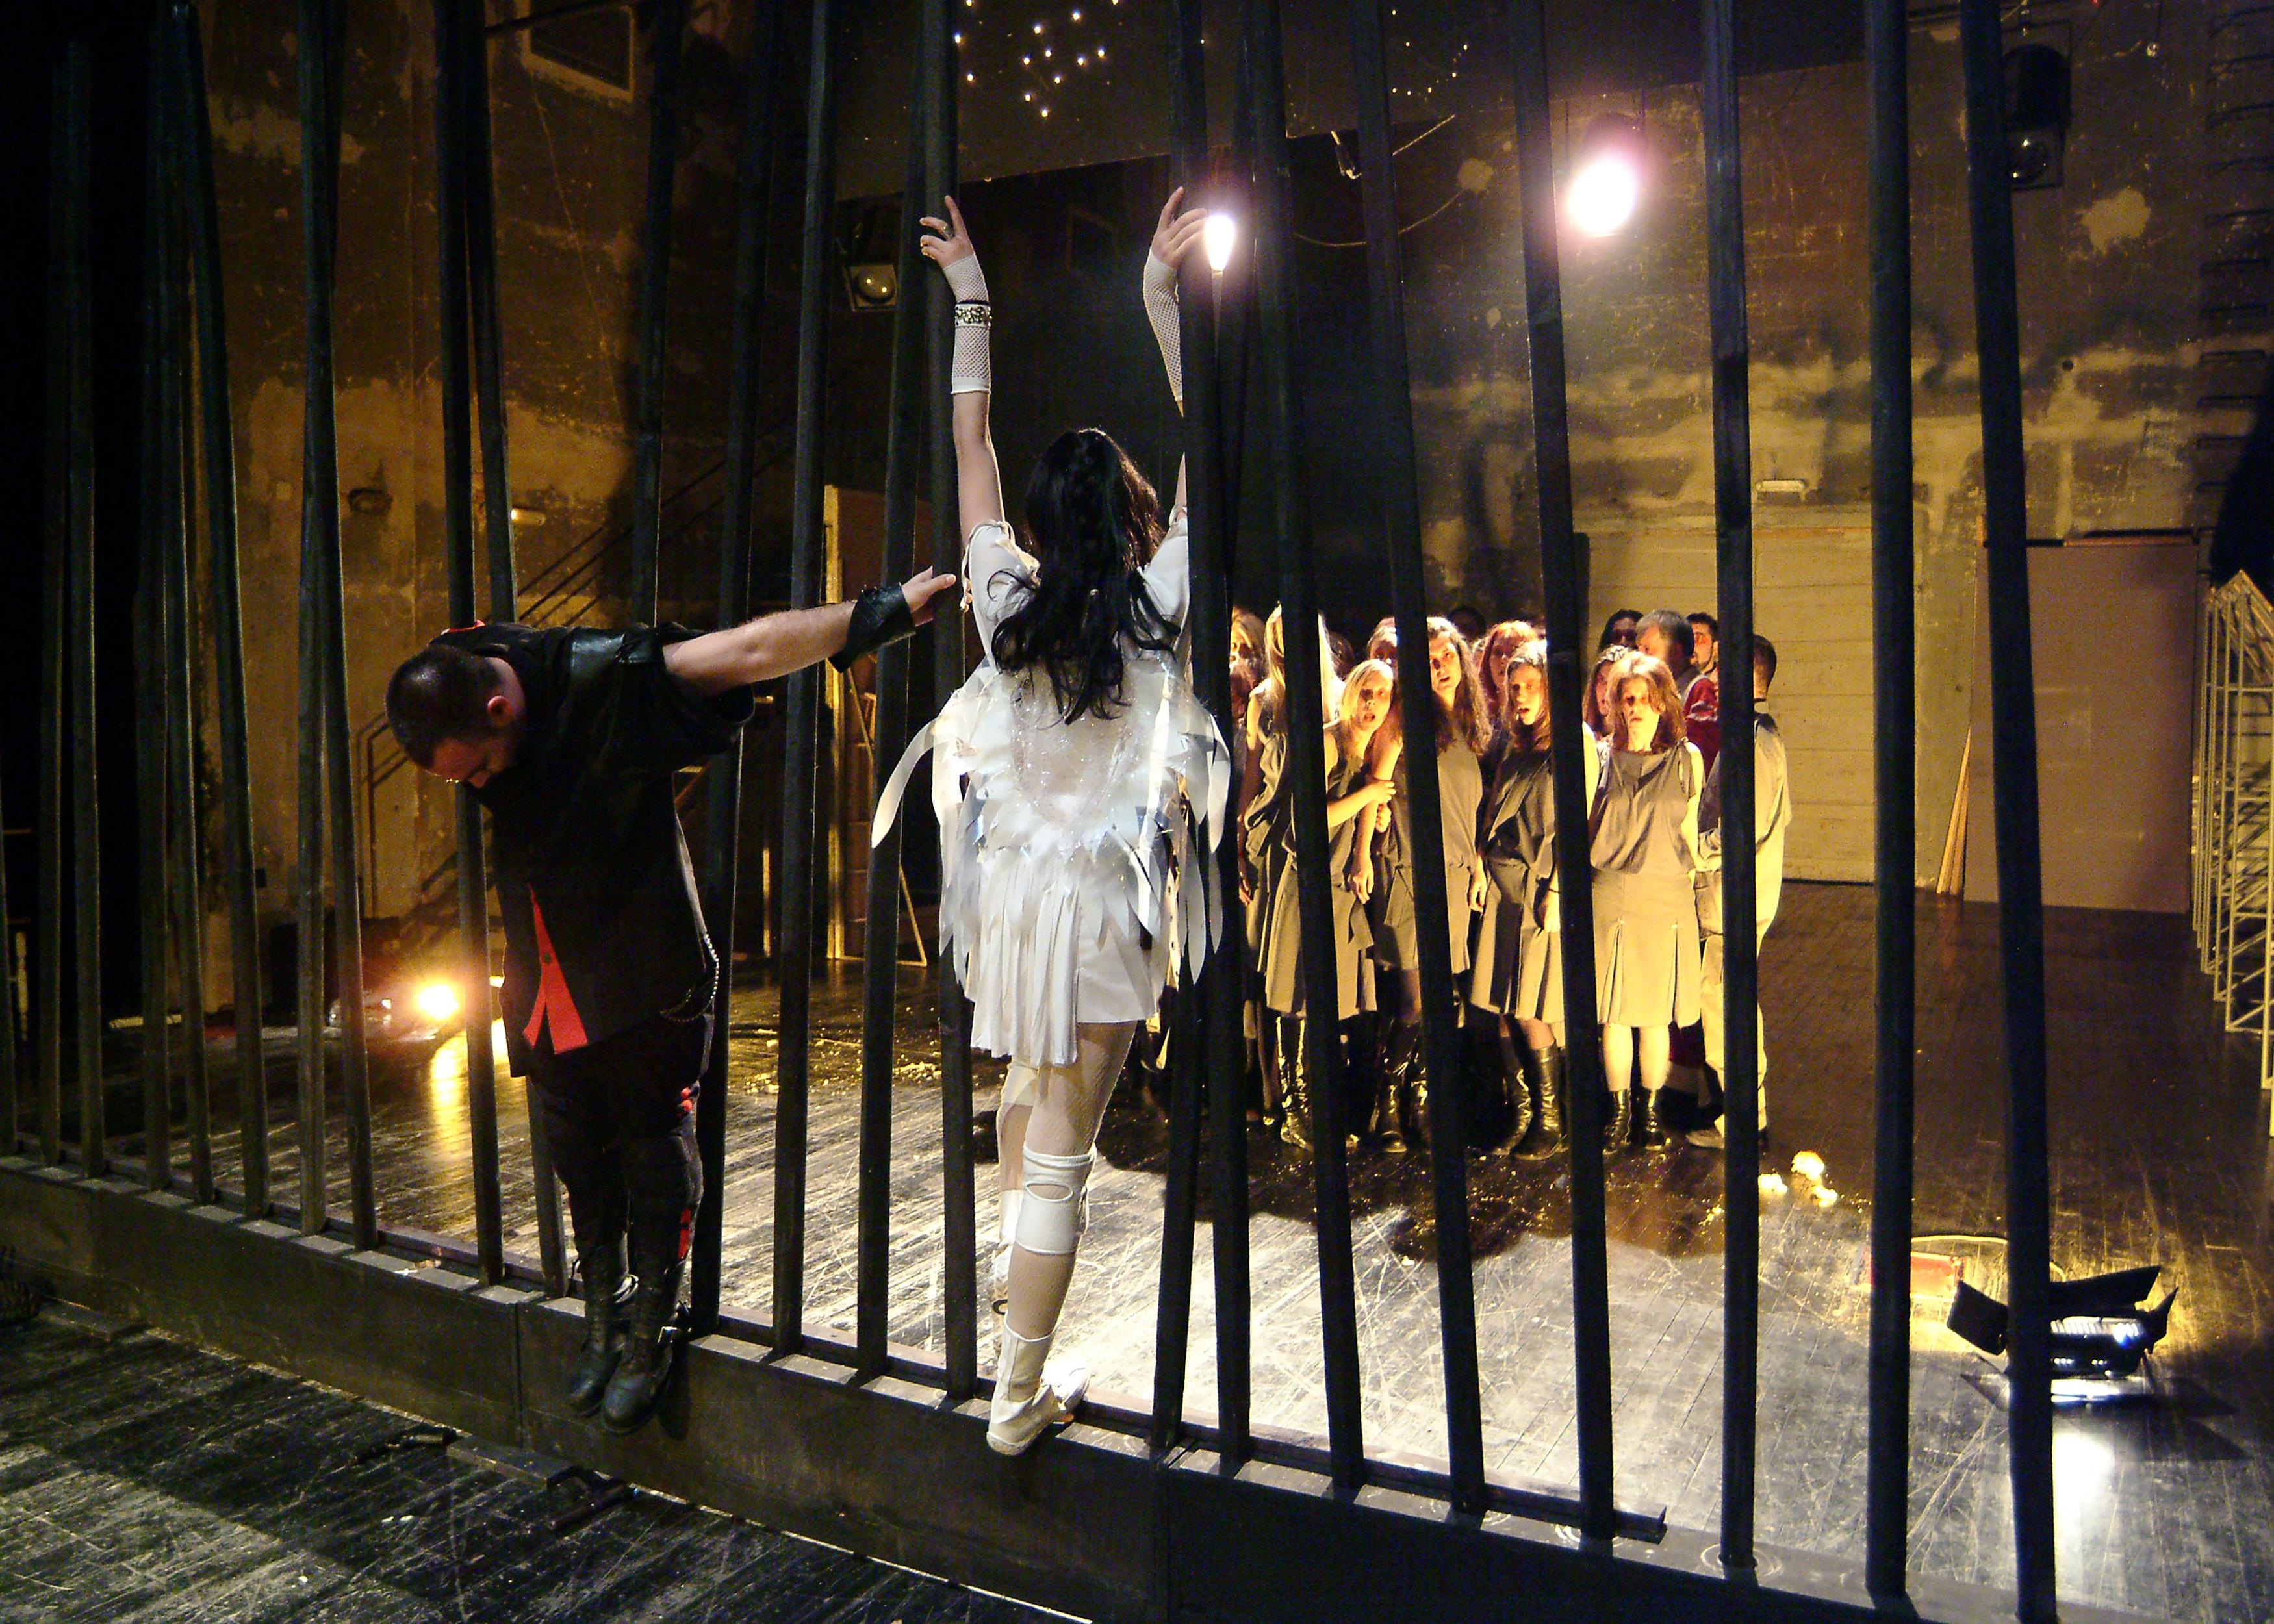 Dragan Vučković Vučko, Srbija: Dramska uprizoritev iz zborovske pesnitve Sedmerica proti Tebam, 2005, Akademski komorni zbor Liceum, Srbija - Specifična postmoderna dramatizacija klasične Ajshilove tragedije Sedmerica proti Tebam je bila uporabljena kot scensko-dramski okvir za koncert priredb črnske duhovne glasbe – vsebina pesmi je bila ohranjena kot dramaturško jedro, s katerimi se je začelo dogajanje na prizorišču.